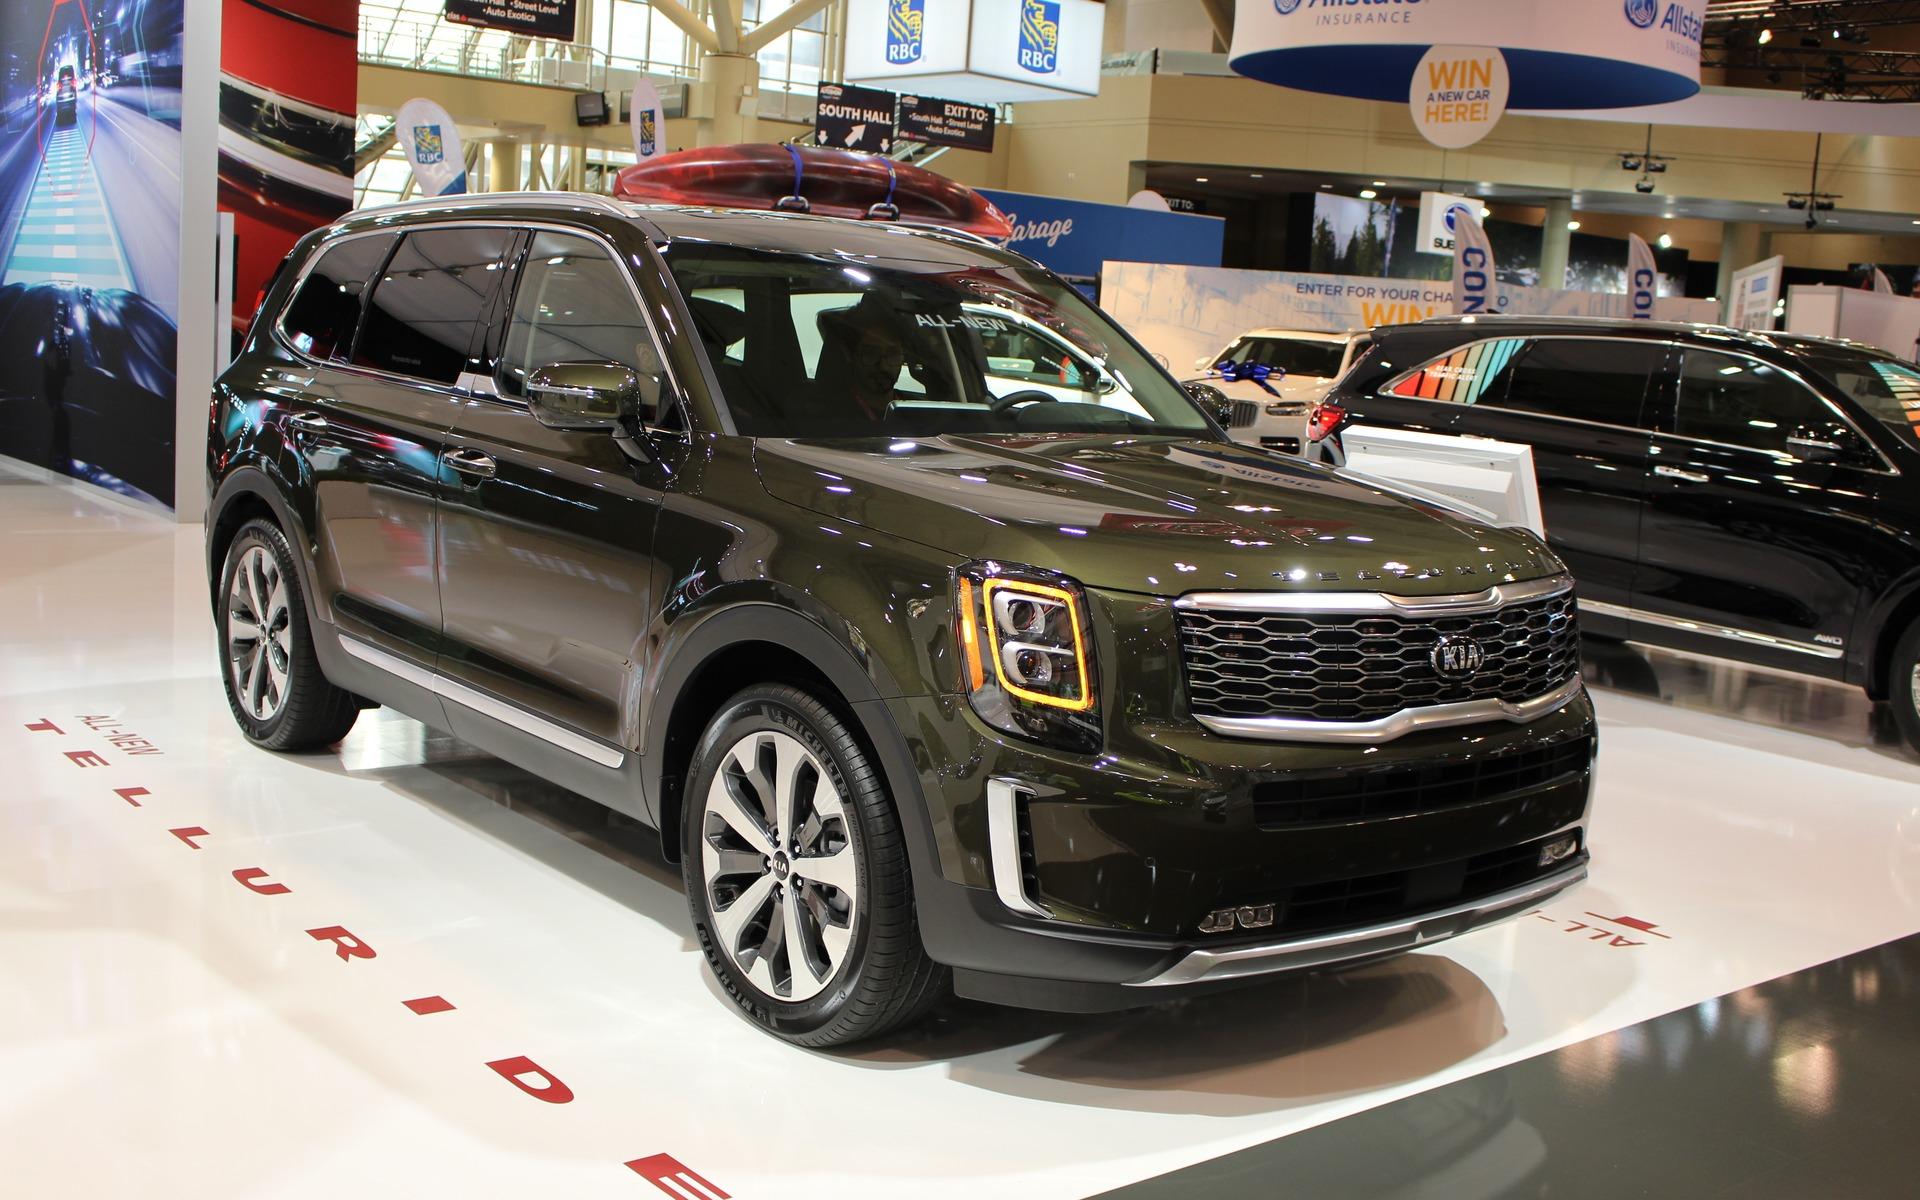 2020 Kia Telluride: Design, Specs, Arrival, Price >> 2020 Kia Telluride Presented At The Toronto Auto Show The